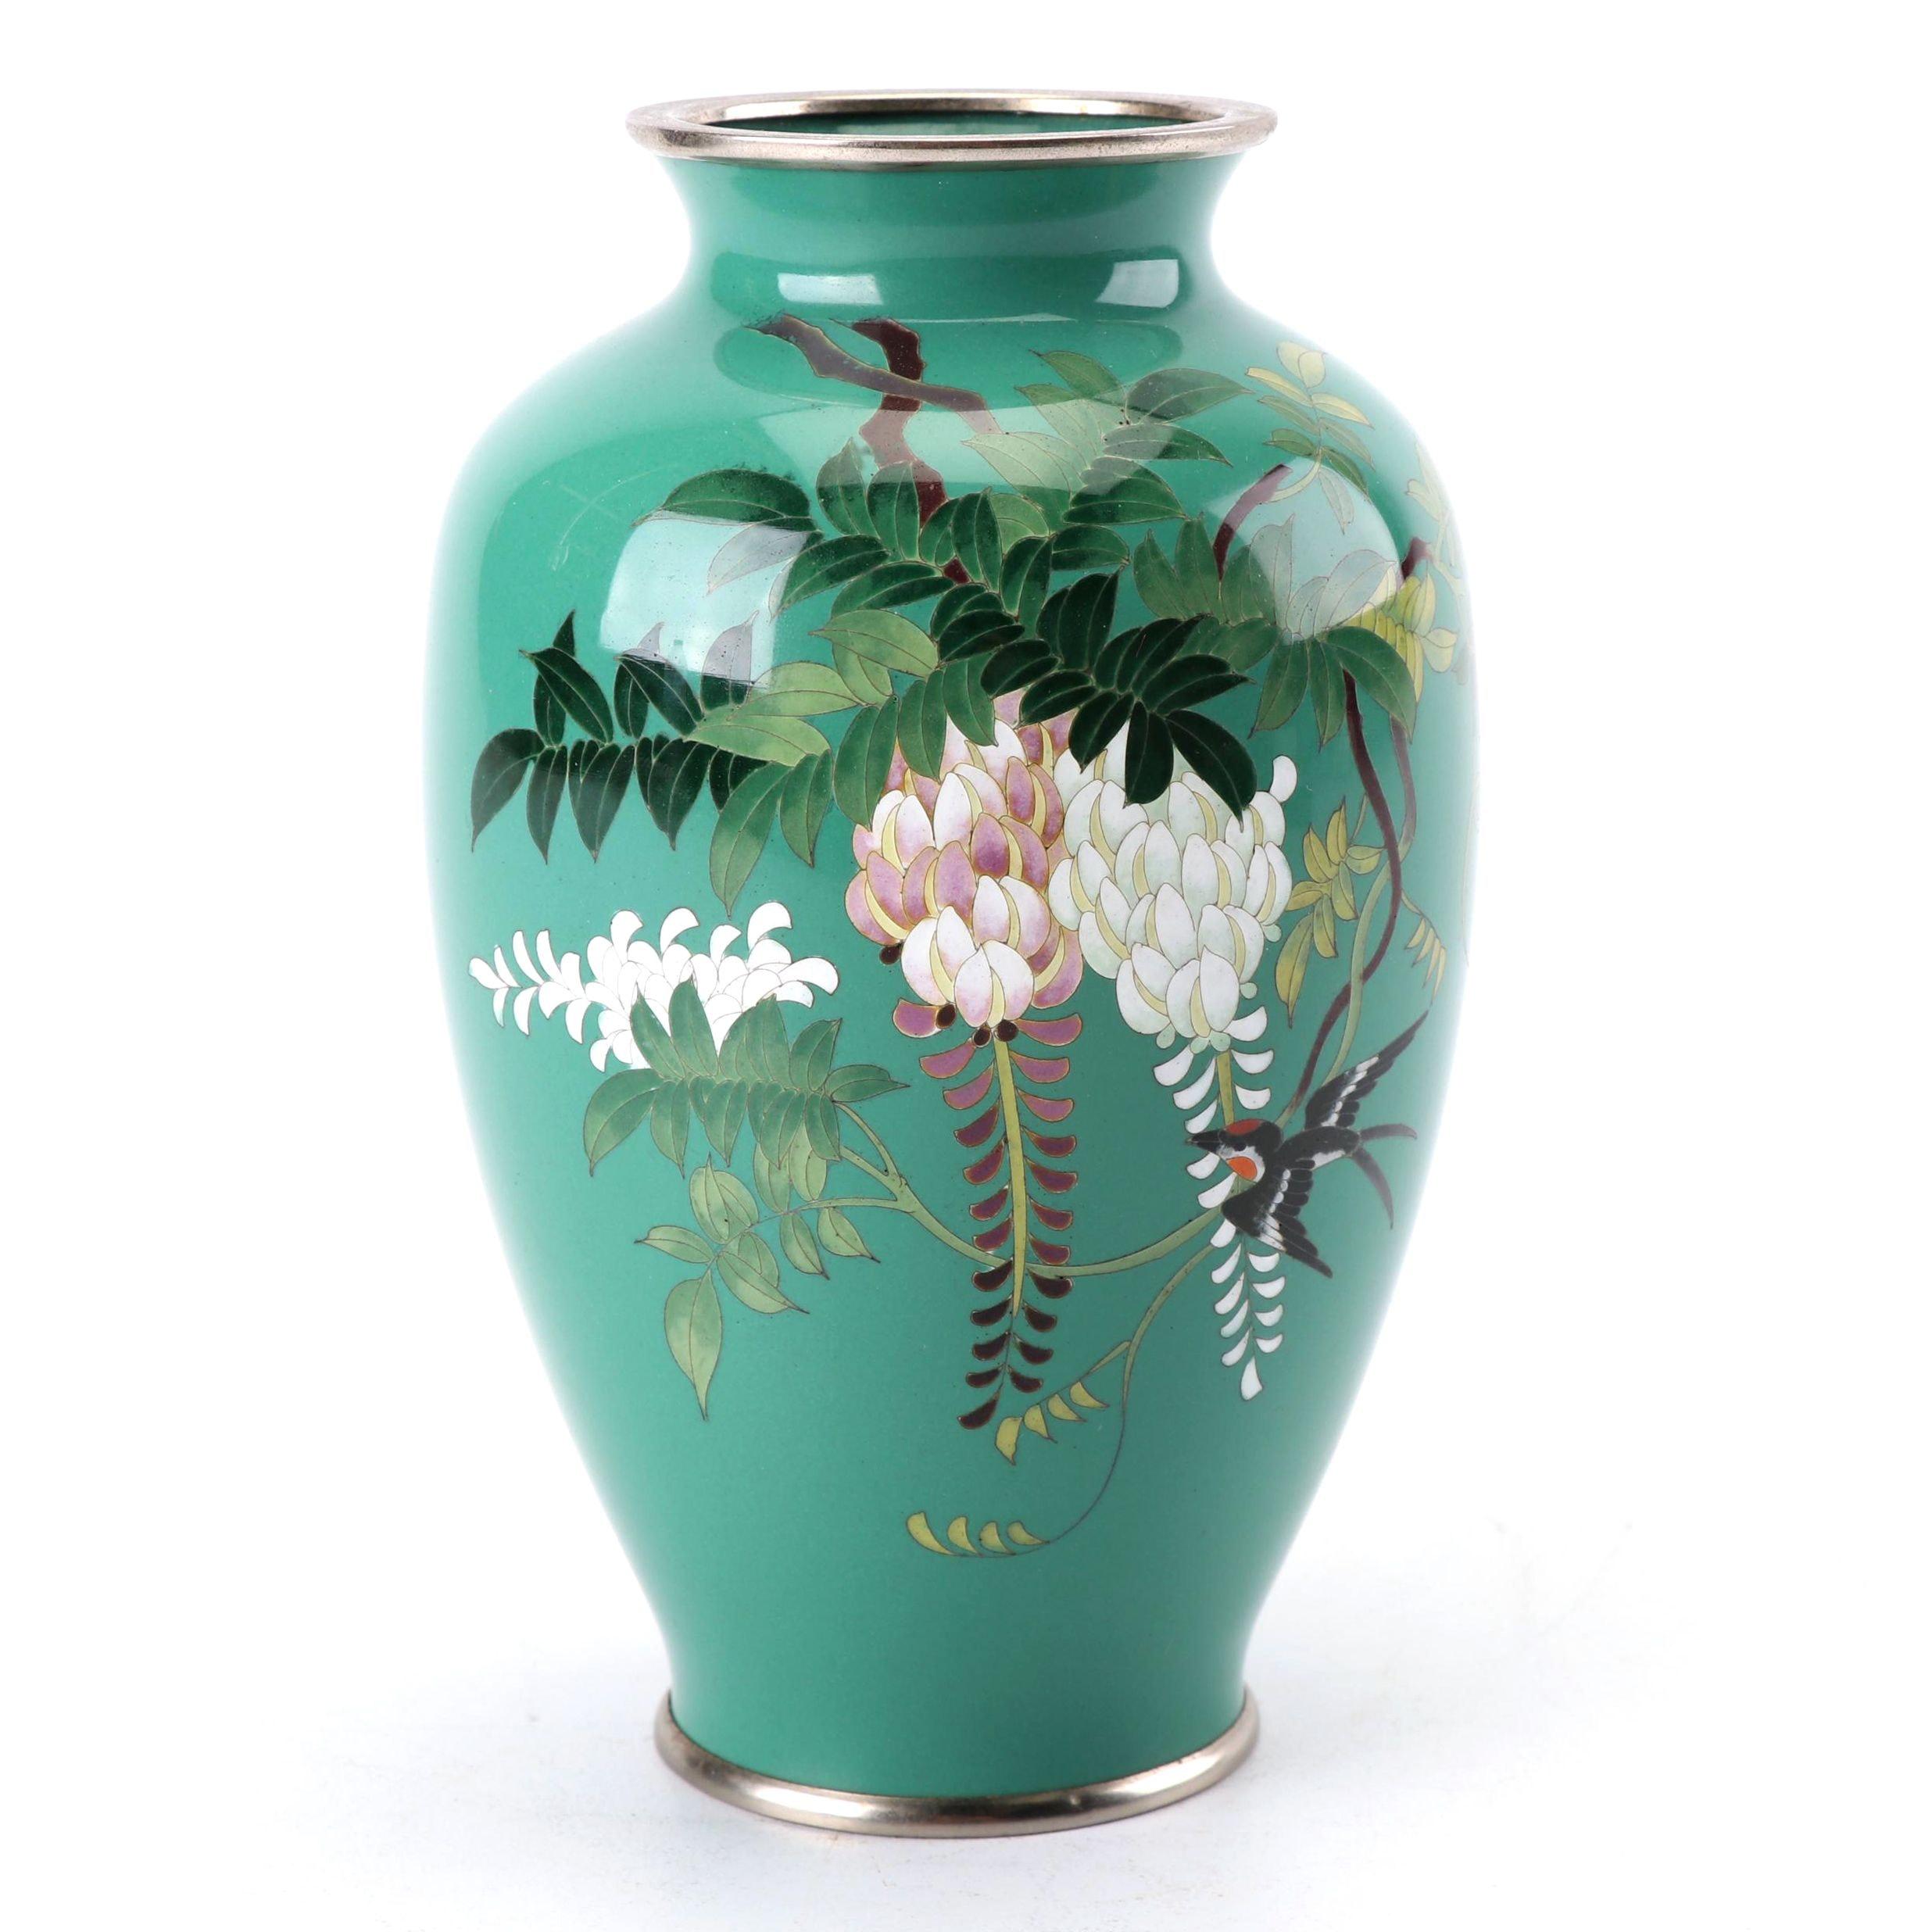 Japanese Cloisonné Wisteria Motif Vase